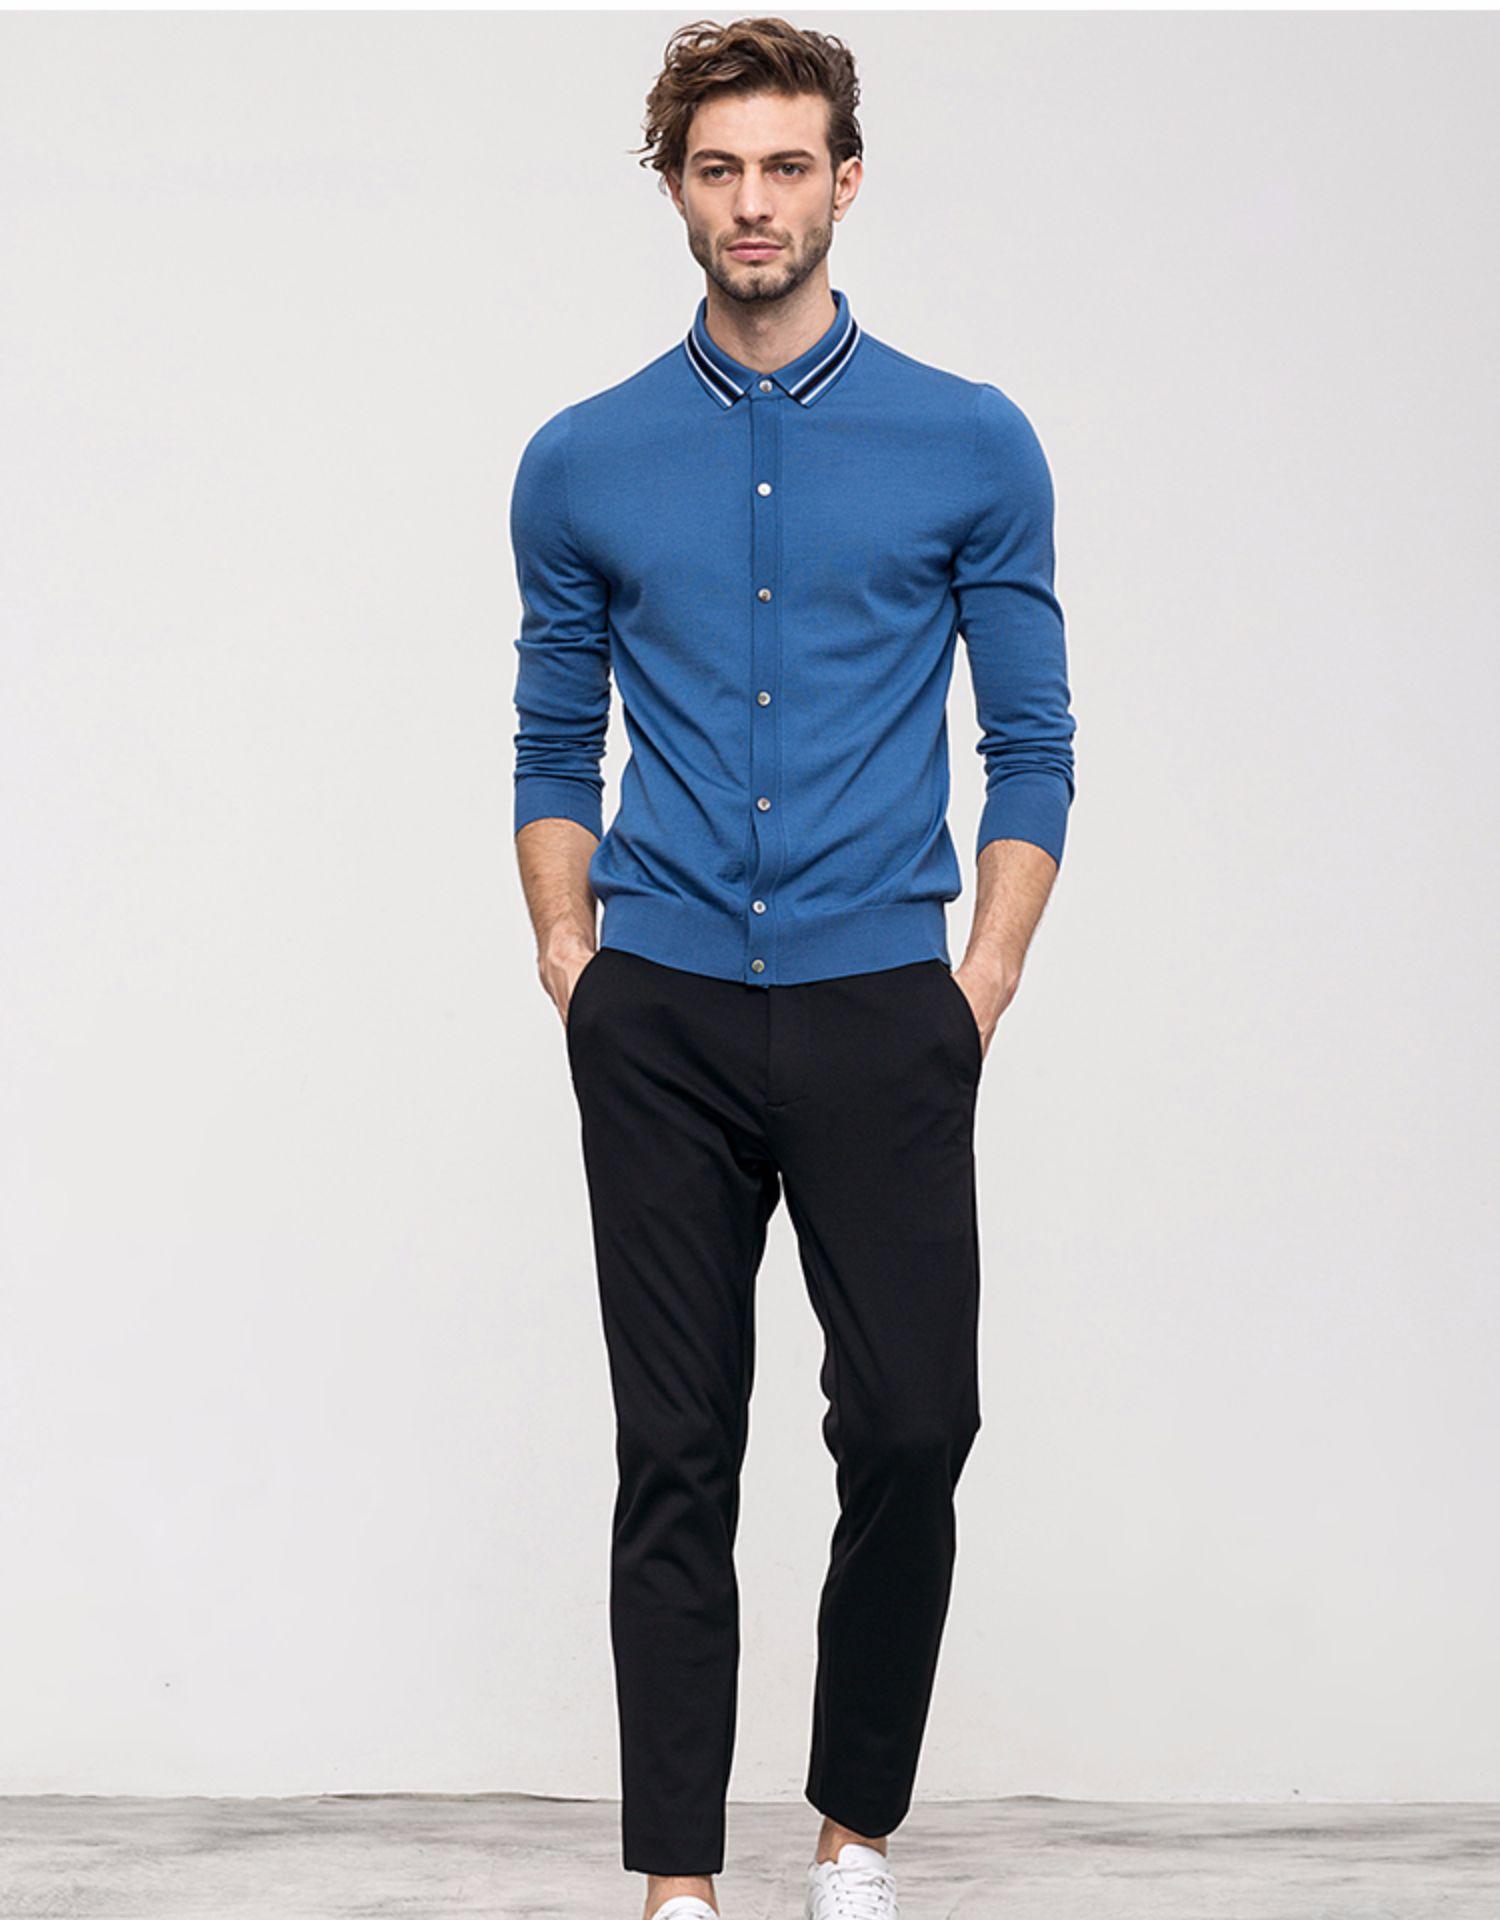 Quần áo nam kinh doanh Merino Full Wool Cổ áo tương phản Áo sơ mi nam Cổ áo len đan cardigan DAZ490 - Hàng dệt kim